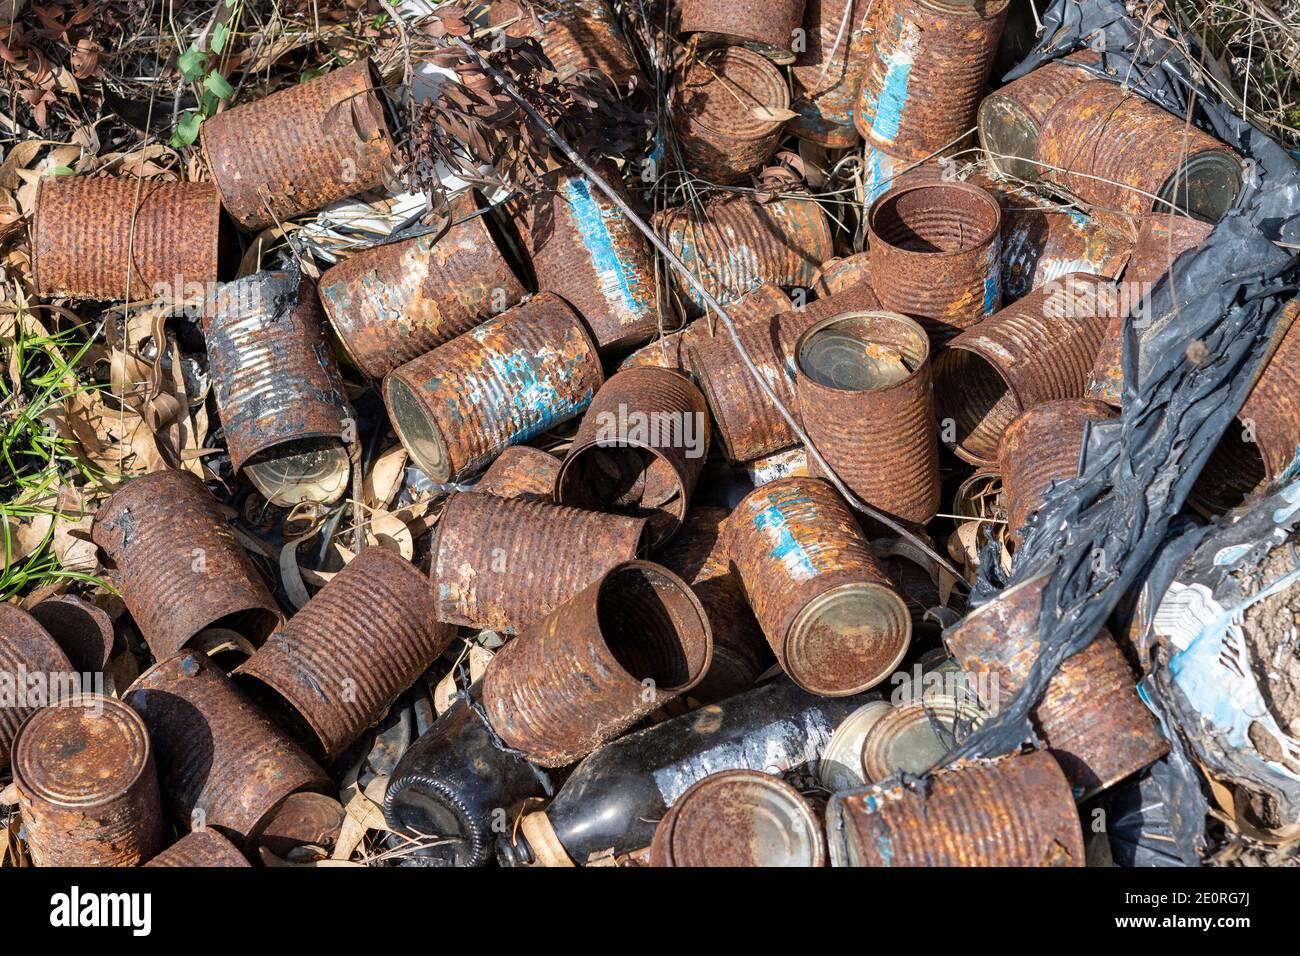 Les vieux canettes rouillées reposent sur le sol et l'herbe sèche dans la nature. Pollution et environnement. Banque D'Images